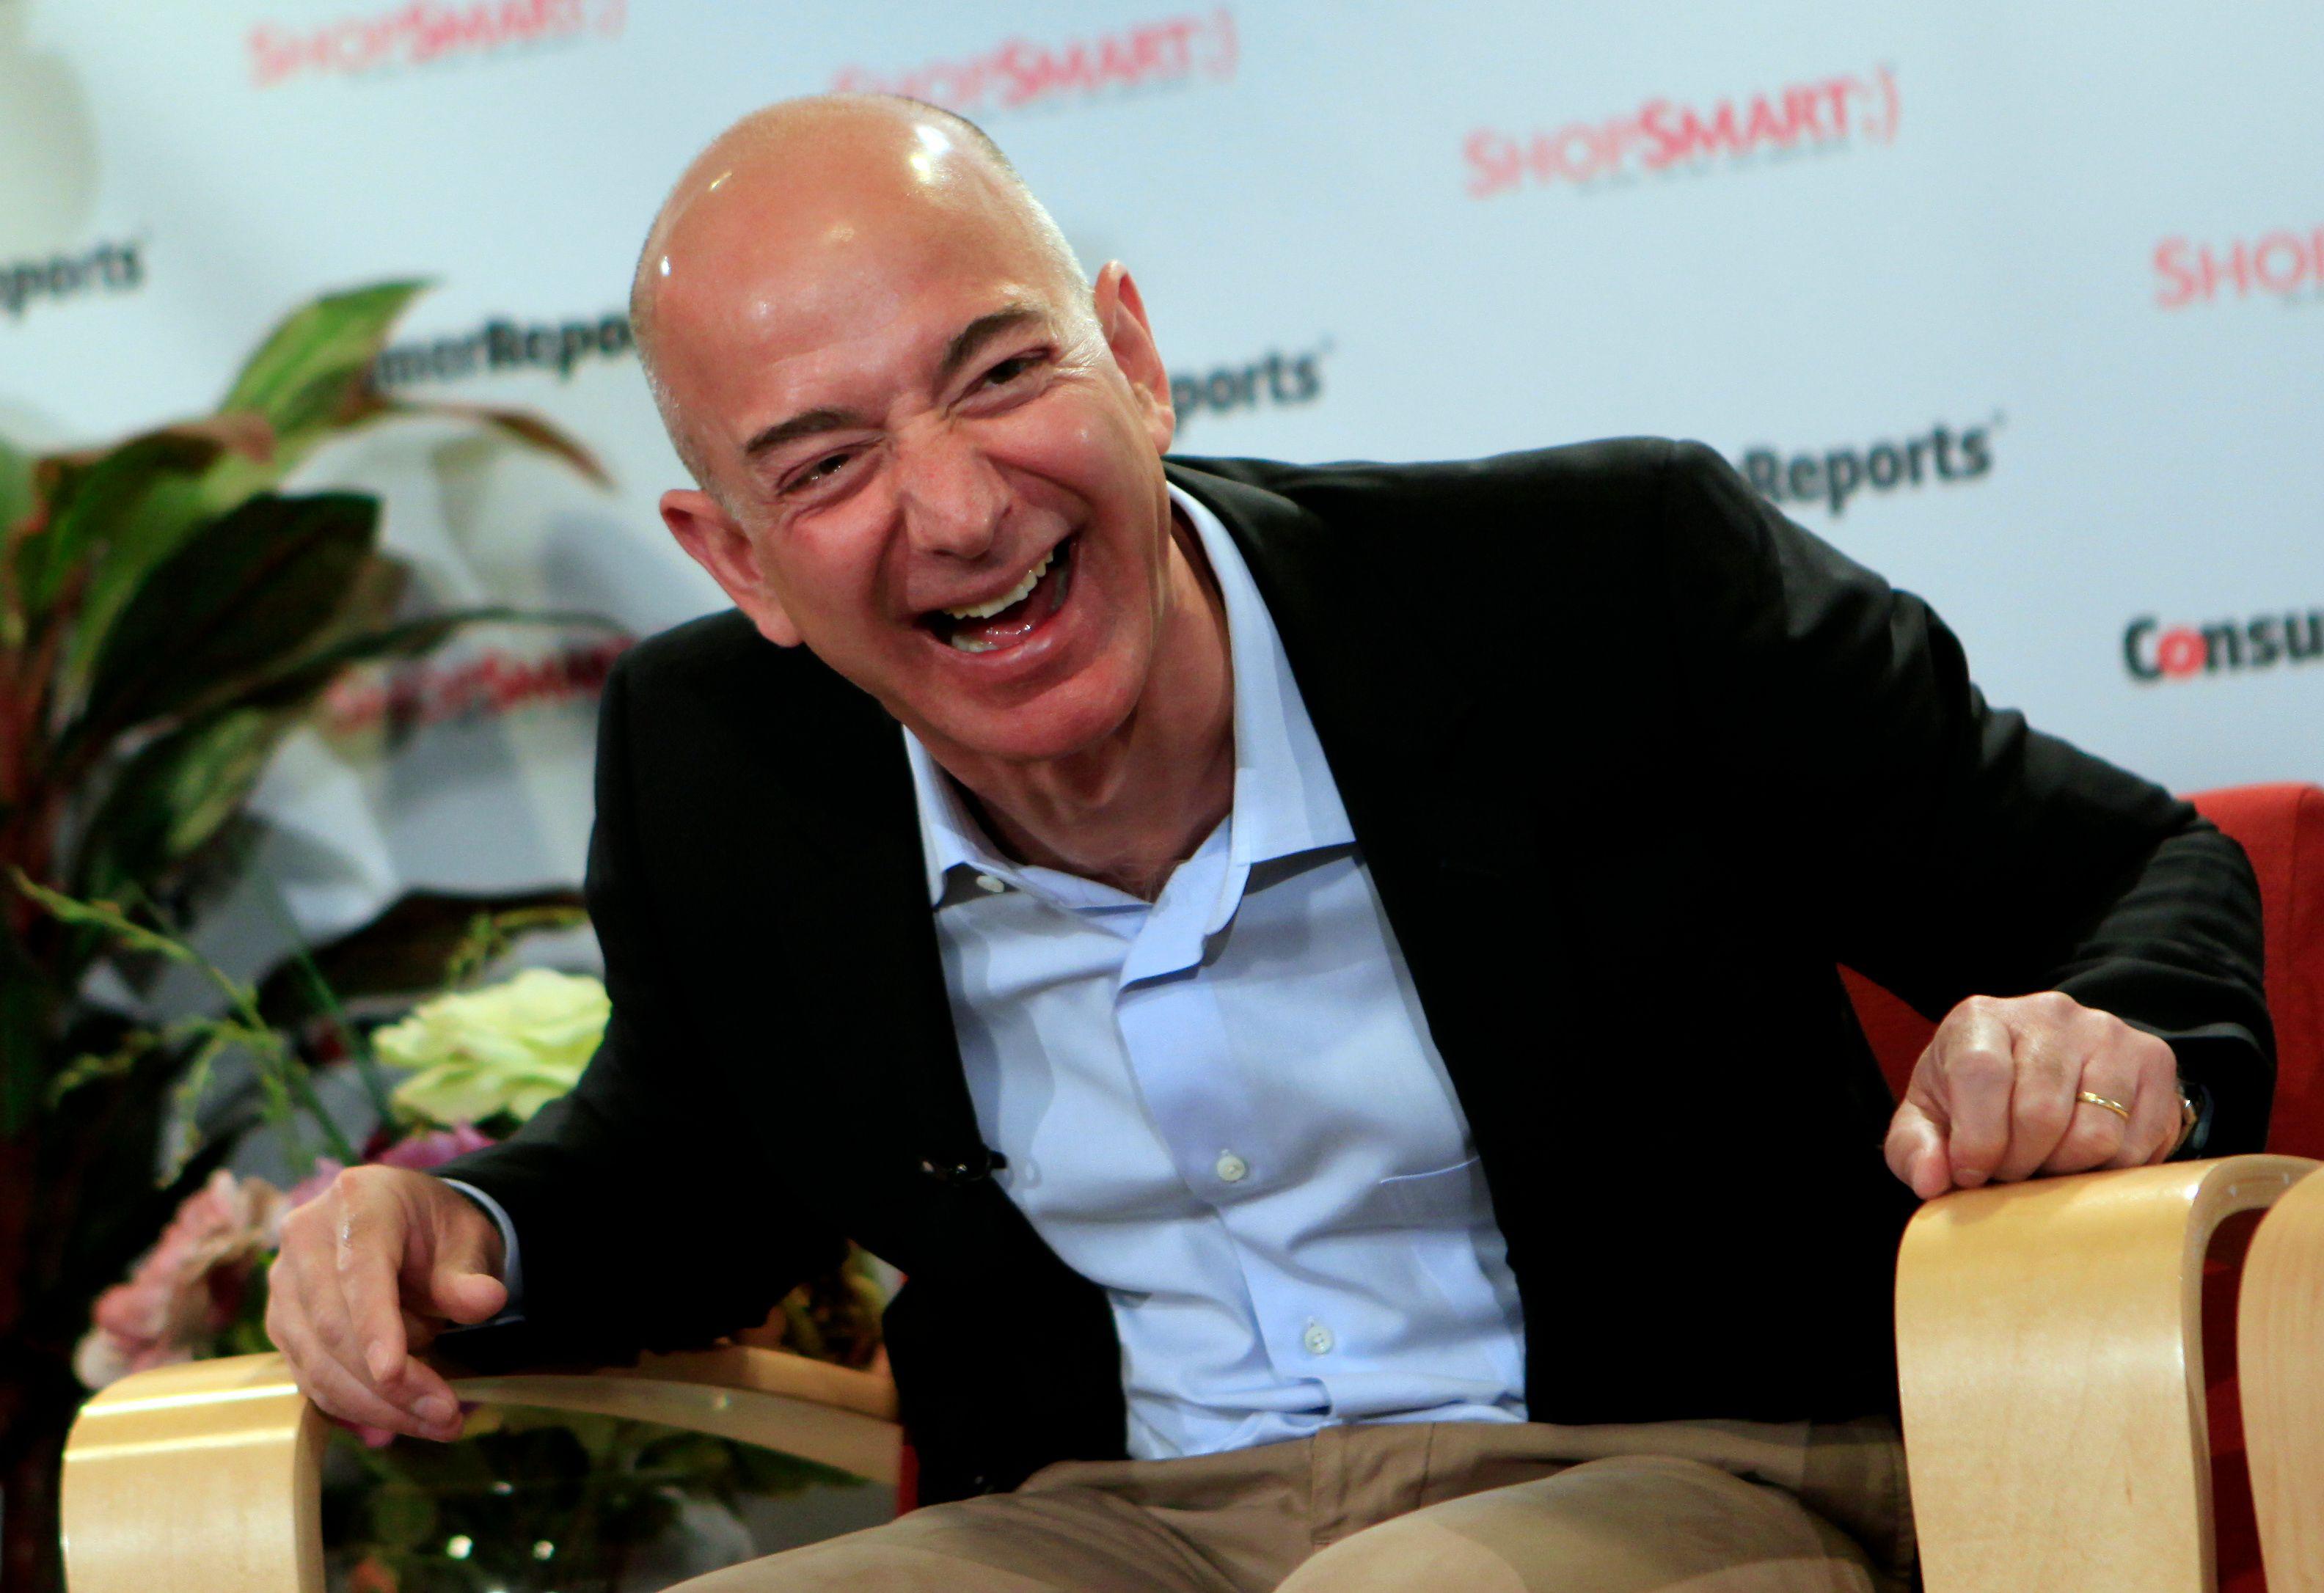 Prendre des décisions rapidement sans se planter : la méthode du patron d'Amazon est-elle vraiment à la portée de tout le monde ?